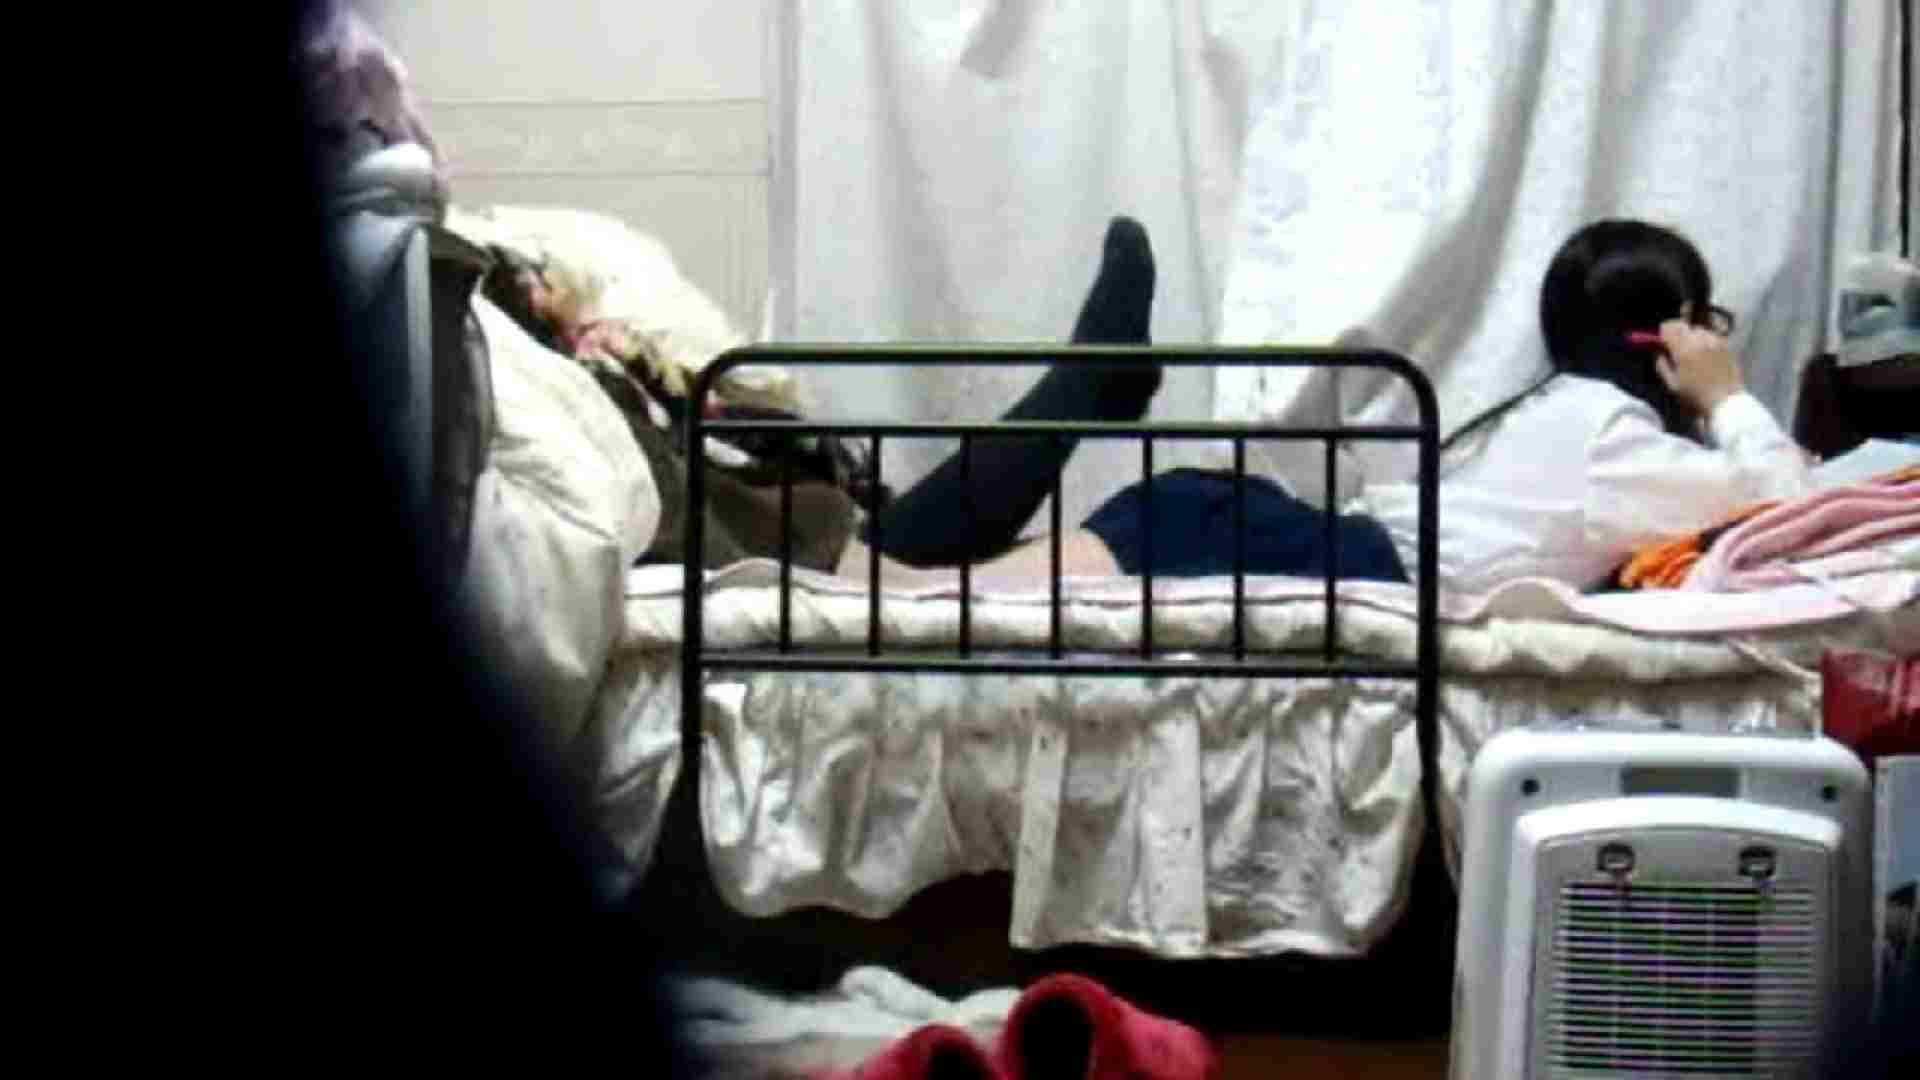 二人とも育てた甲斐がありました… vol.04 まどかが帰宅してベッドでセックス OLセックス  57画像 16